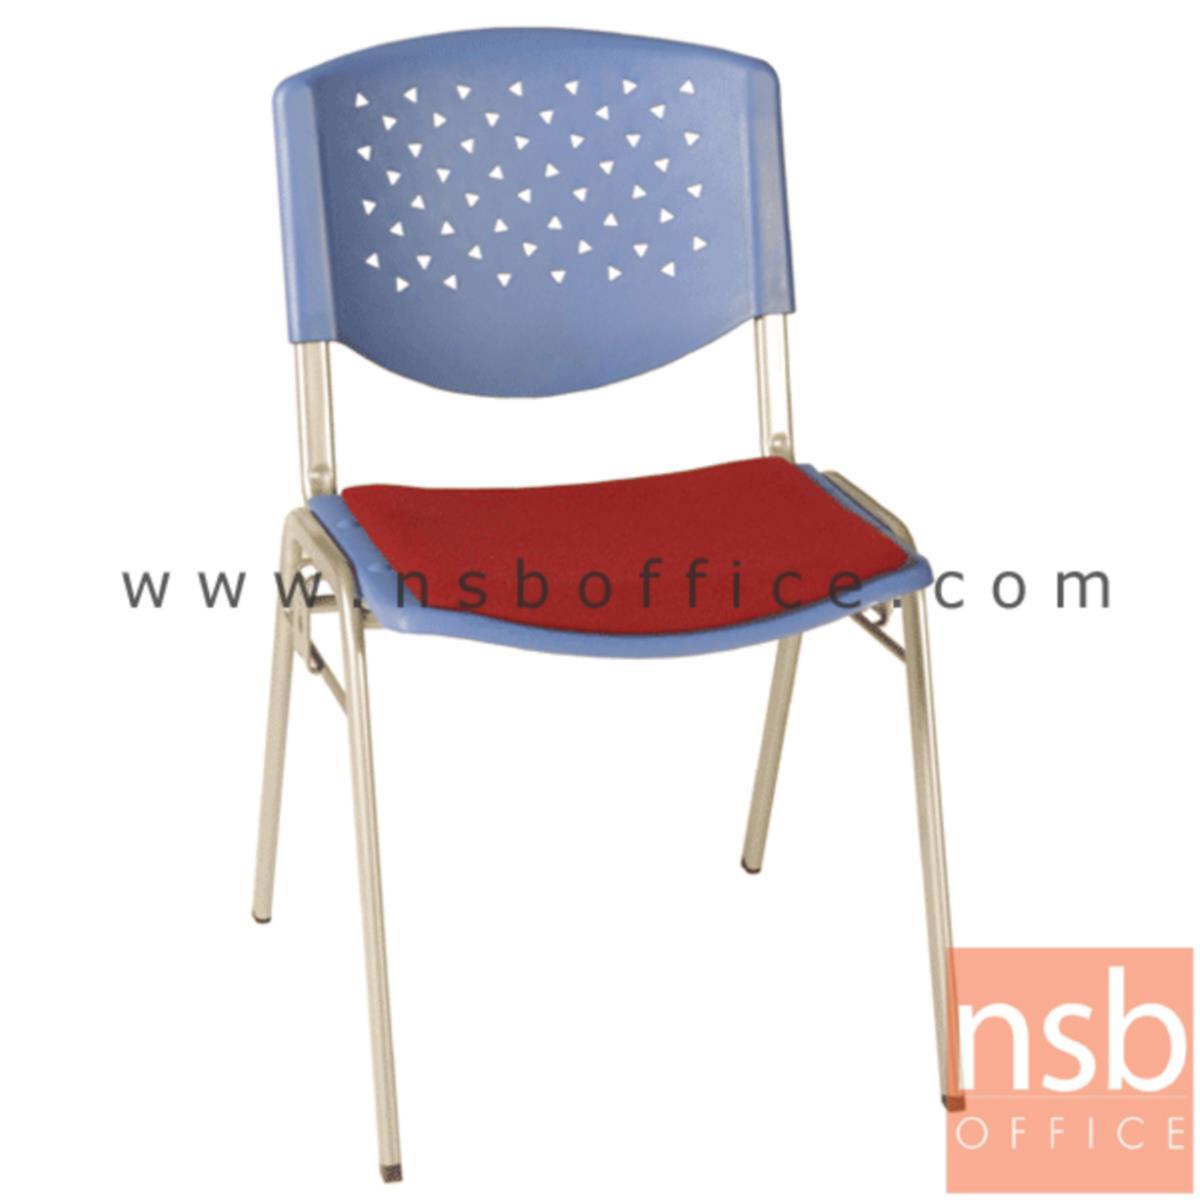 เก้าอี้อเนกประสงค์เฟรมโพลี่ รุ่น A236-626  ขาเหล็ก